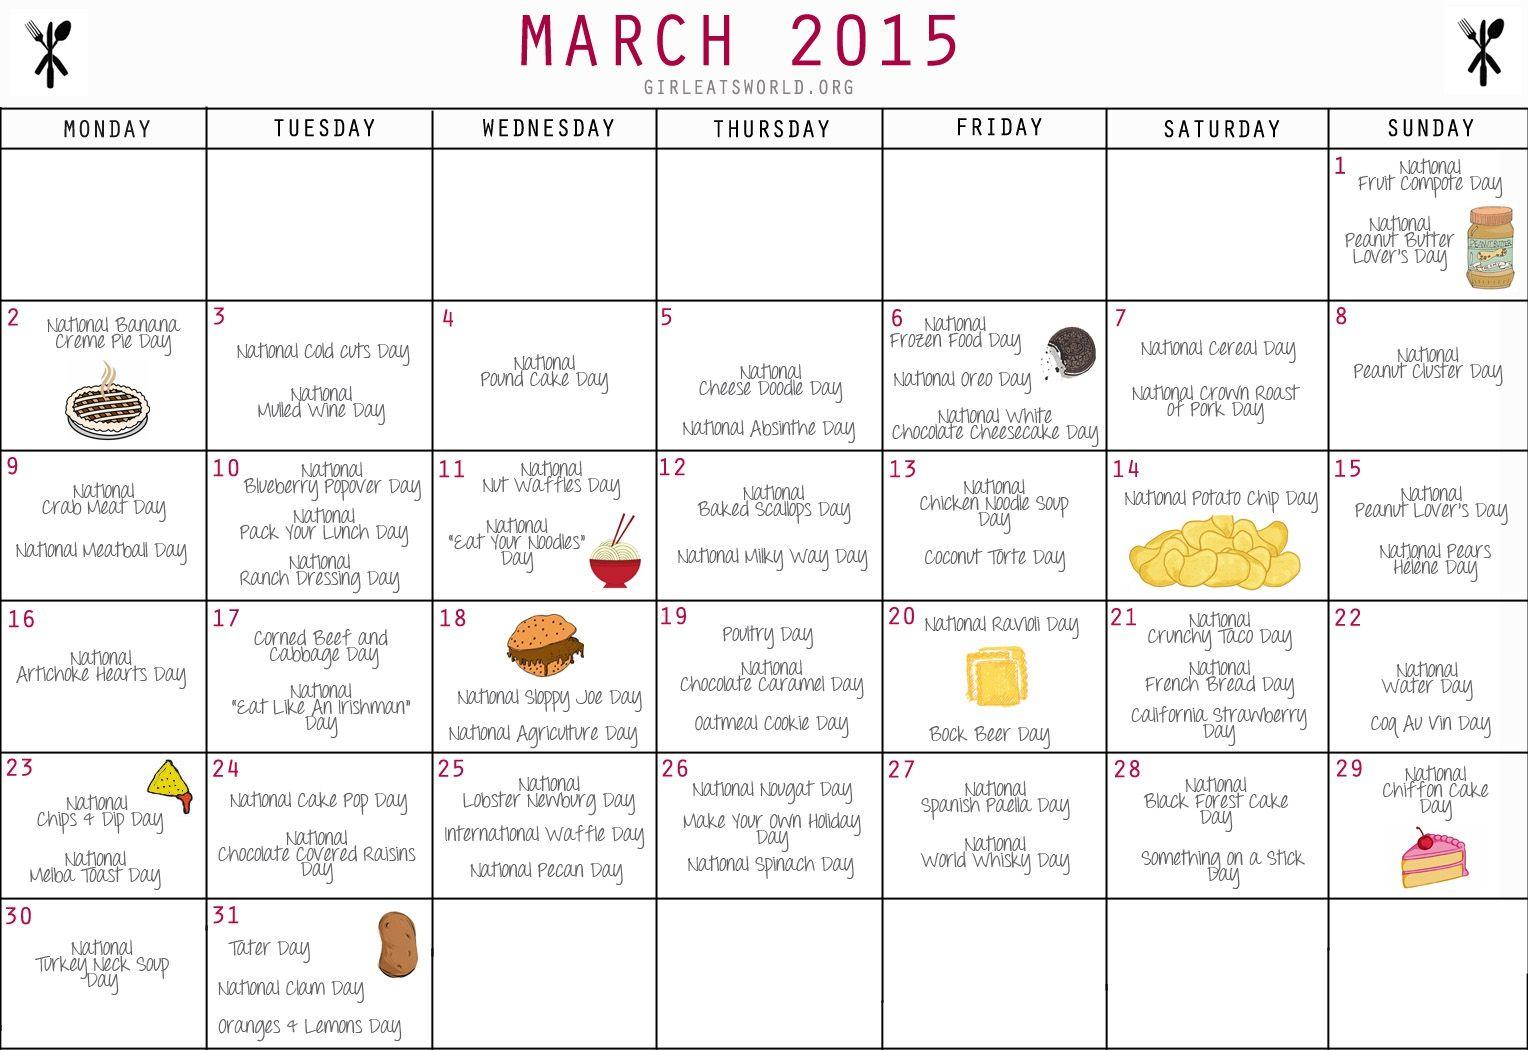 National Food Day Calendar Printable Printable Calendar 2018 within Printable National Day Calendar 2021